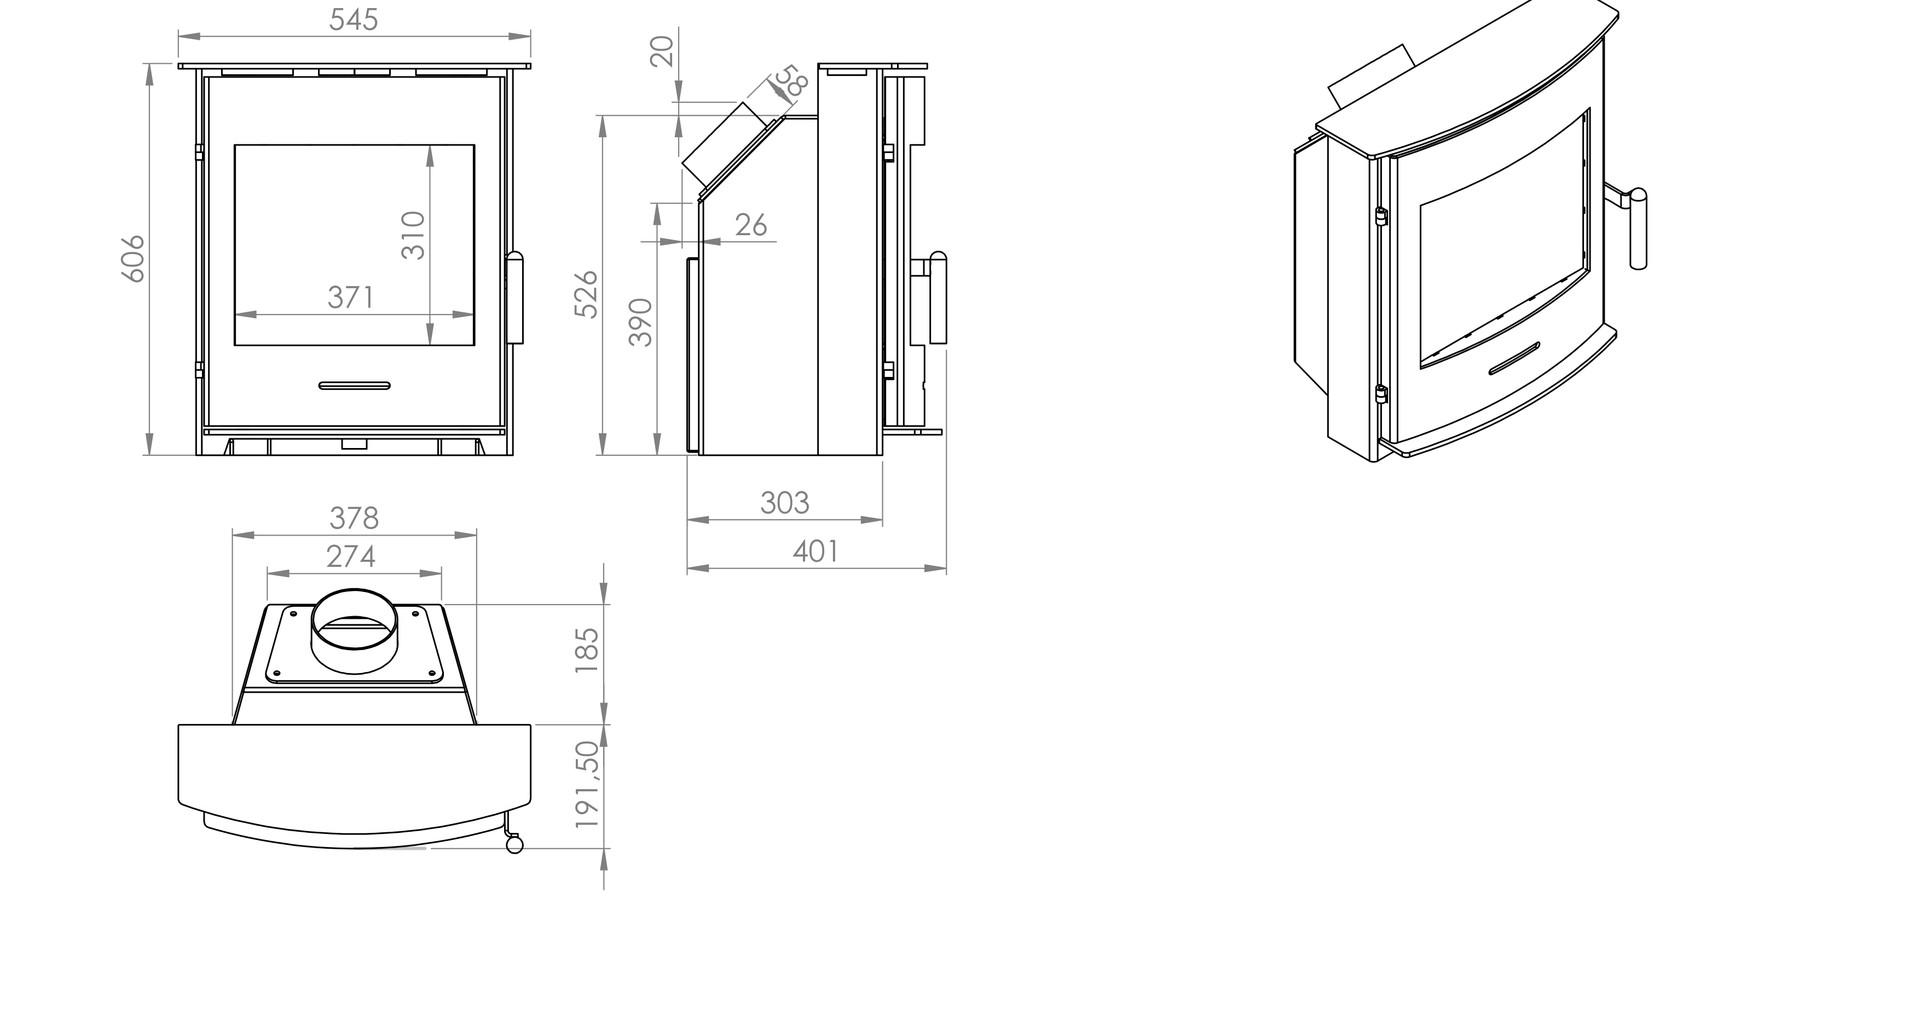 Newbourne 40i dimensions